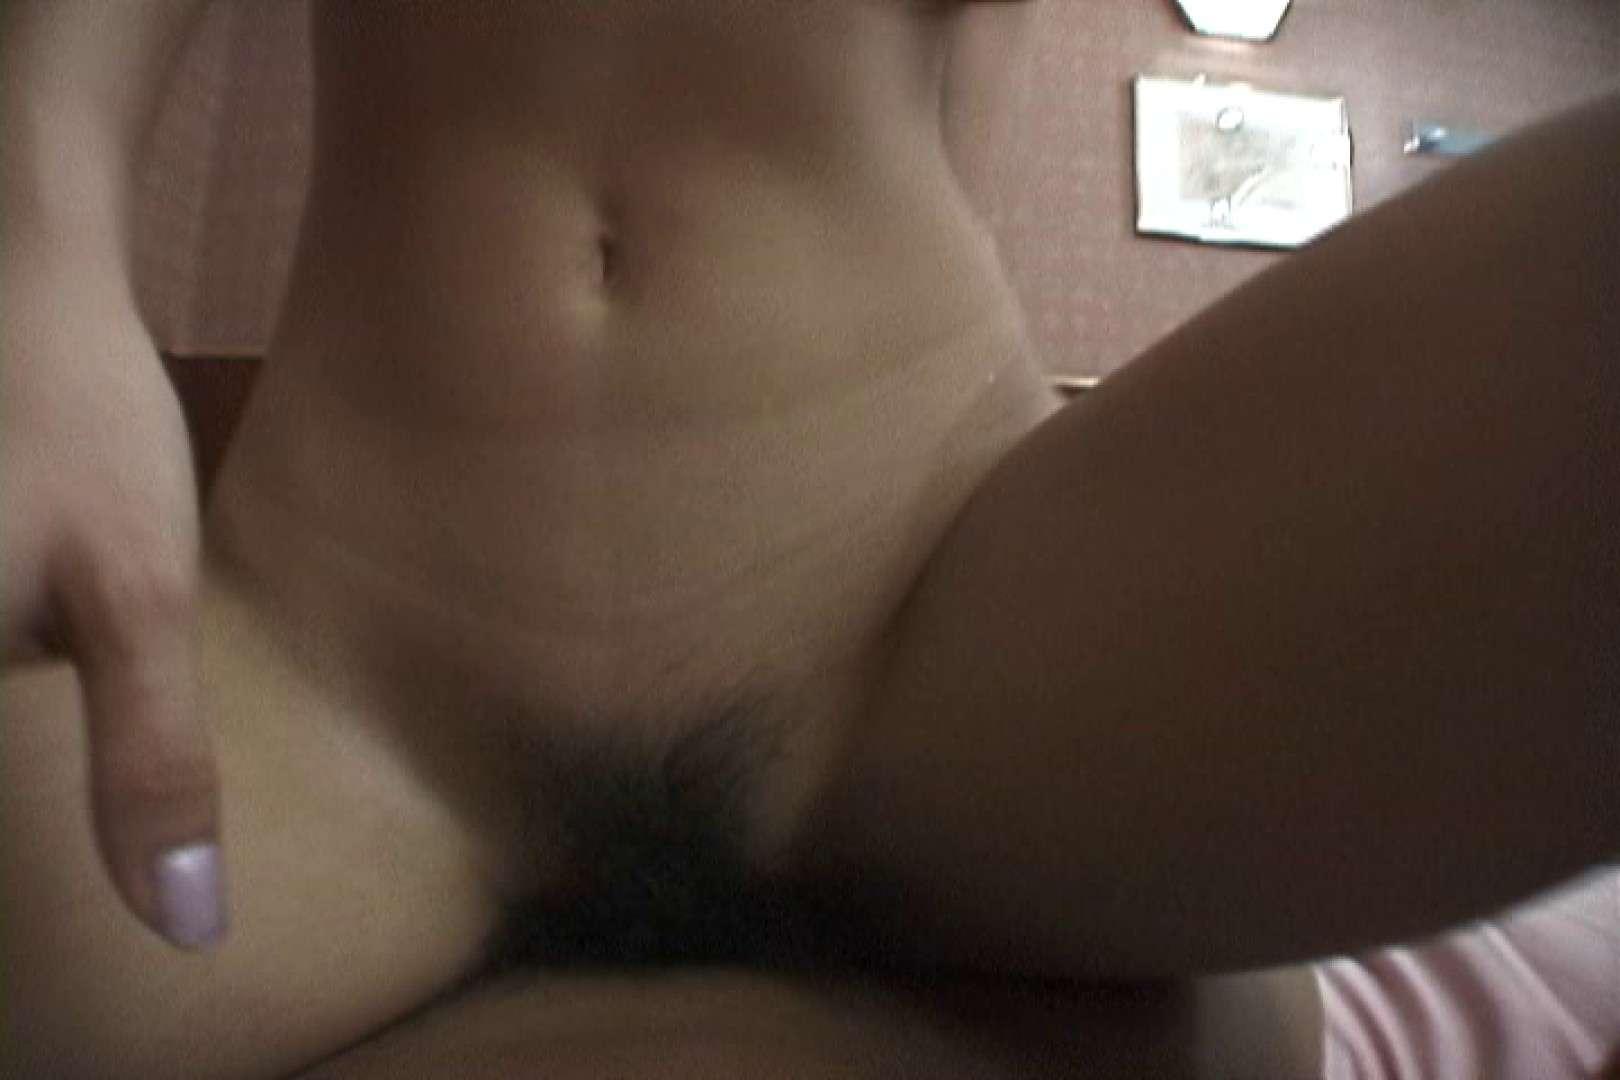 旦那との愛よりも、愛人とのSEX~片瀬梨子~vol,2 ホテル隠し撮り  95pic 84